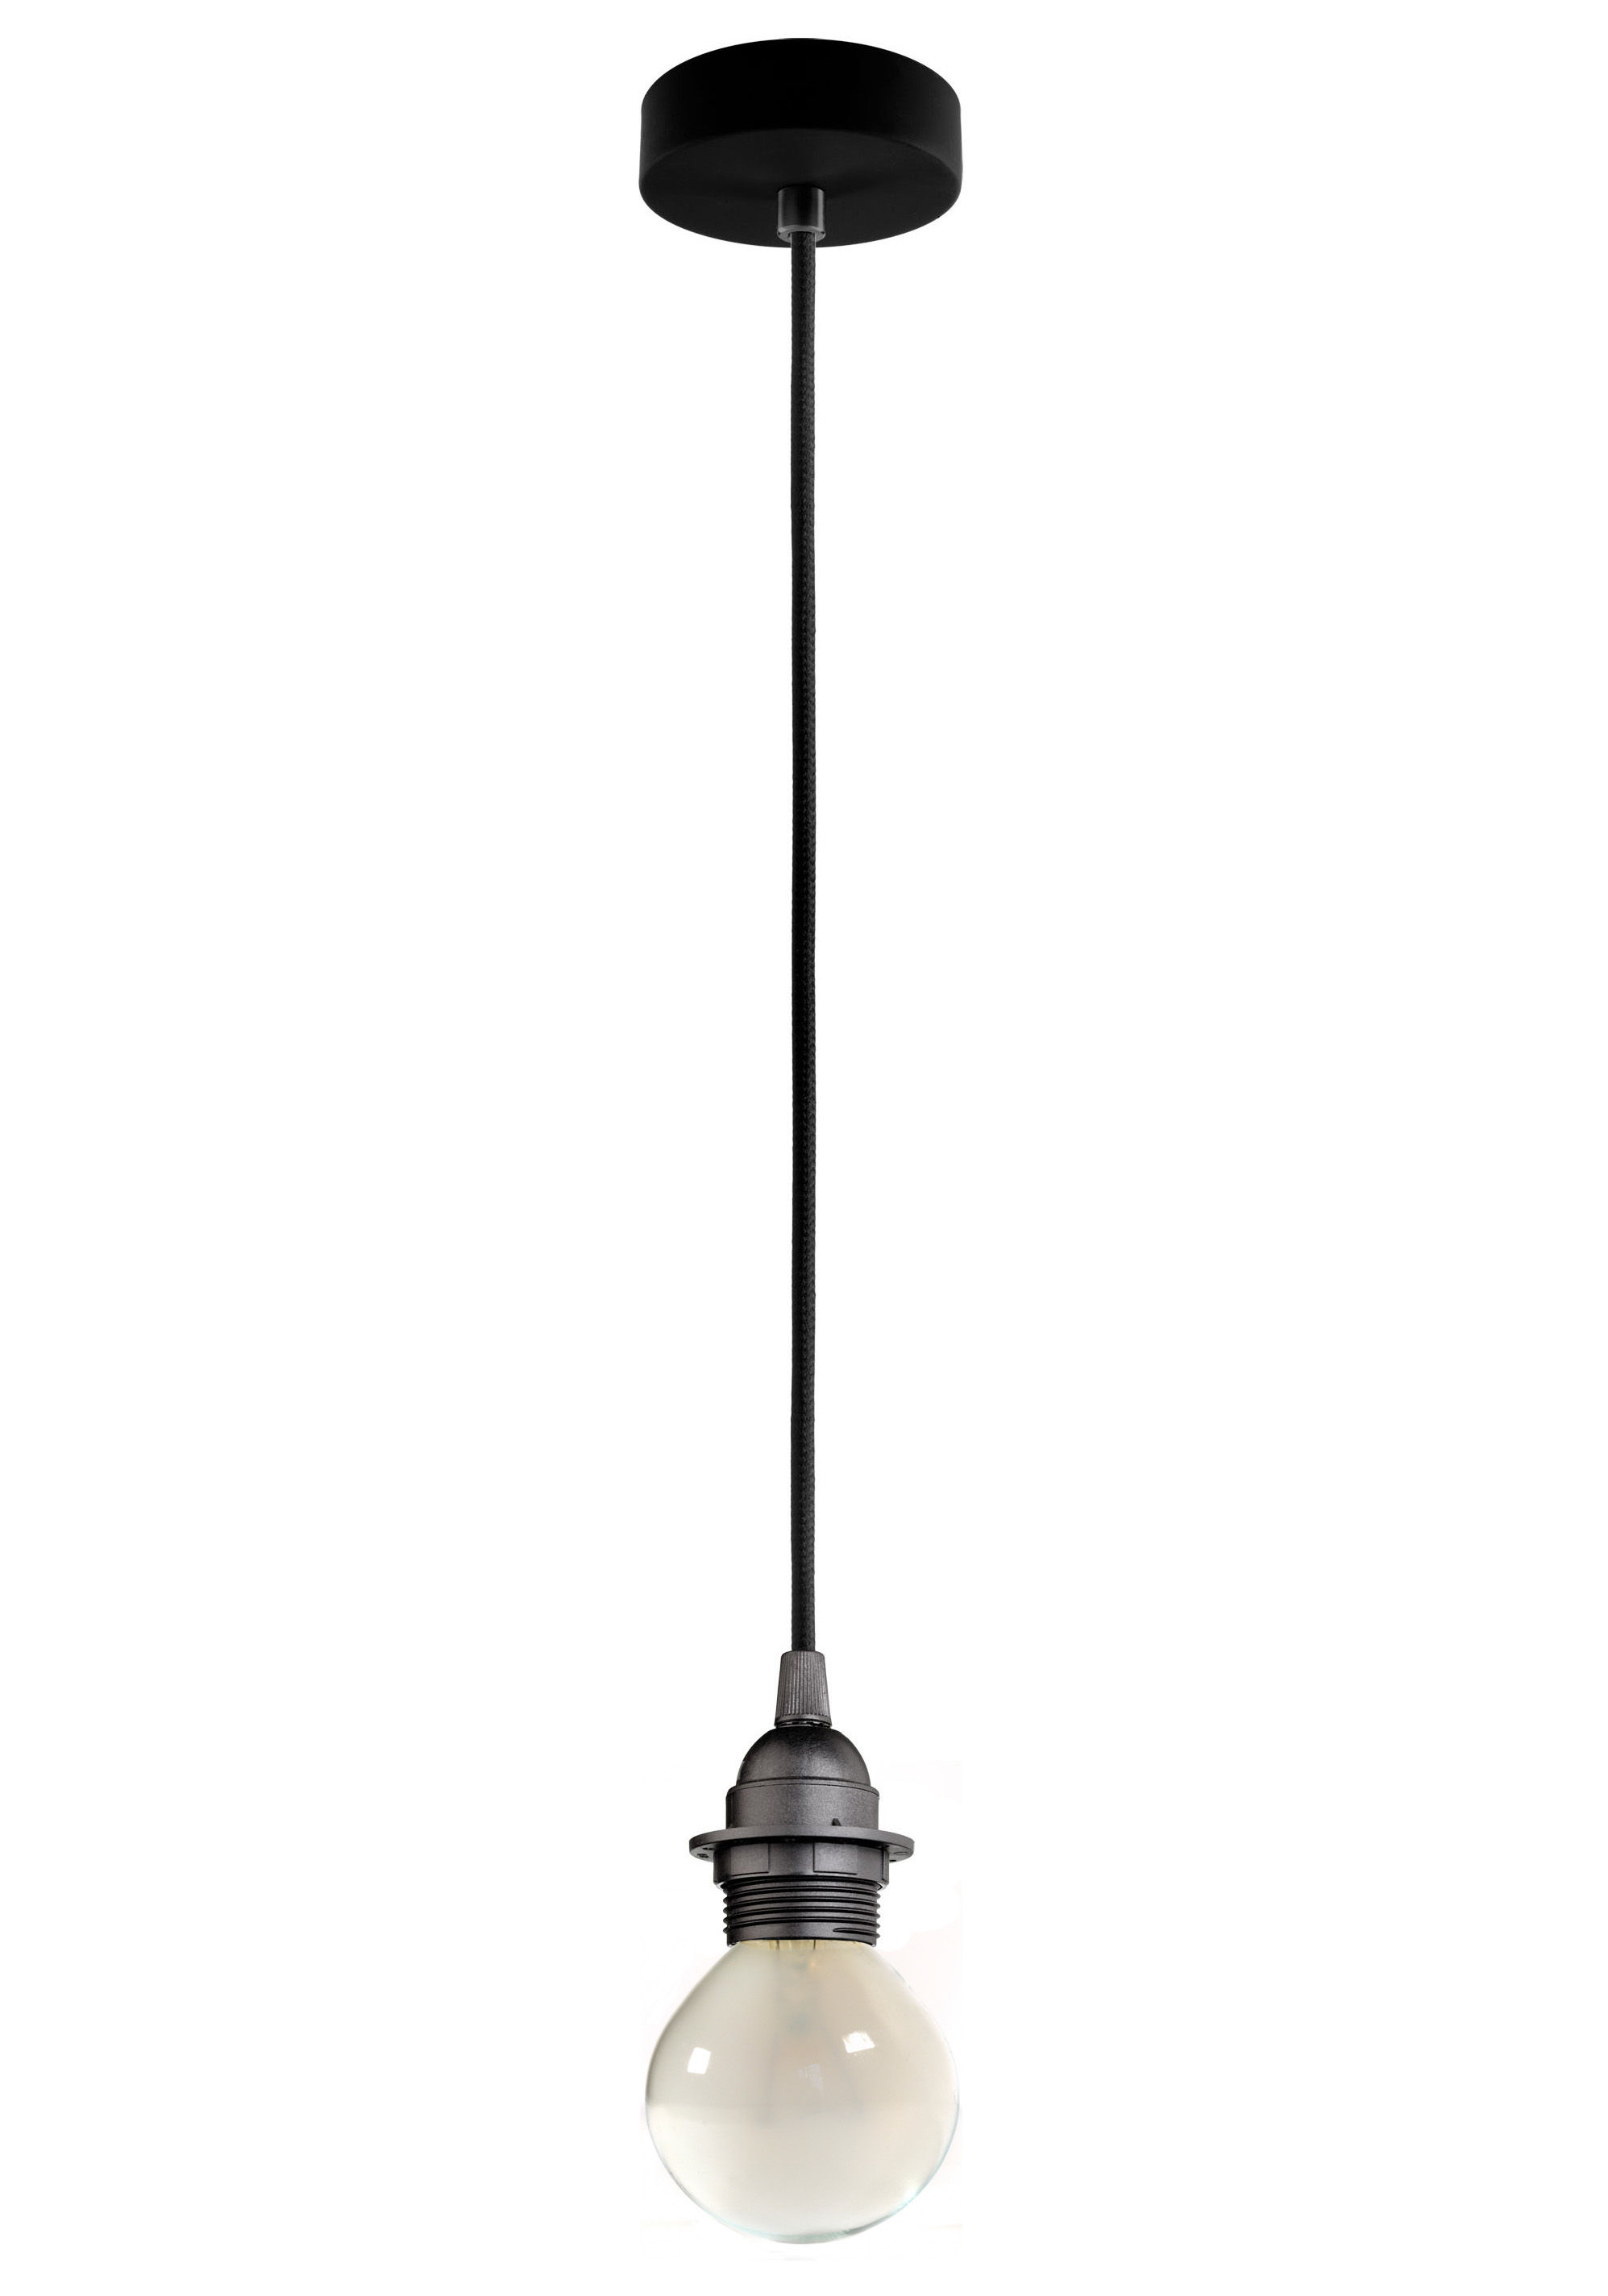 Illuminazione - Lampadari - Sospensione Bi Kage - /Con copripresa di Sotto Luce - Presa nera/Cavo nero/Rosone nero - Metallo, Plastica, Tessuto